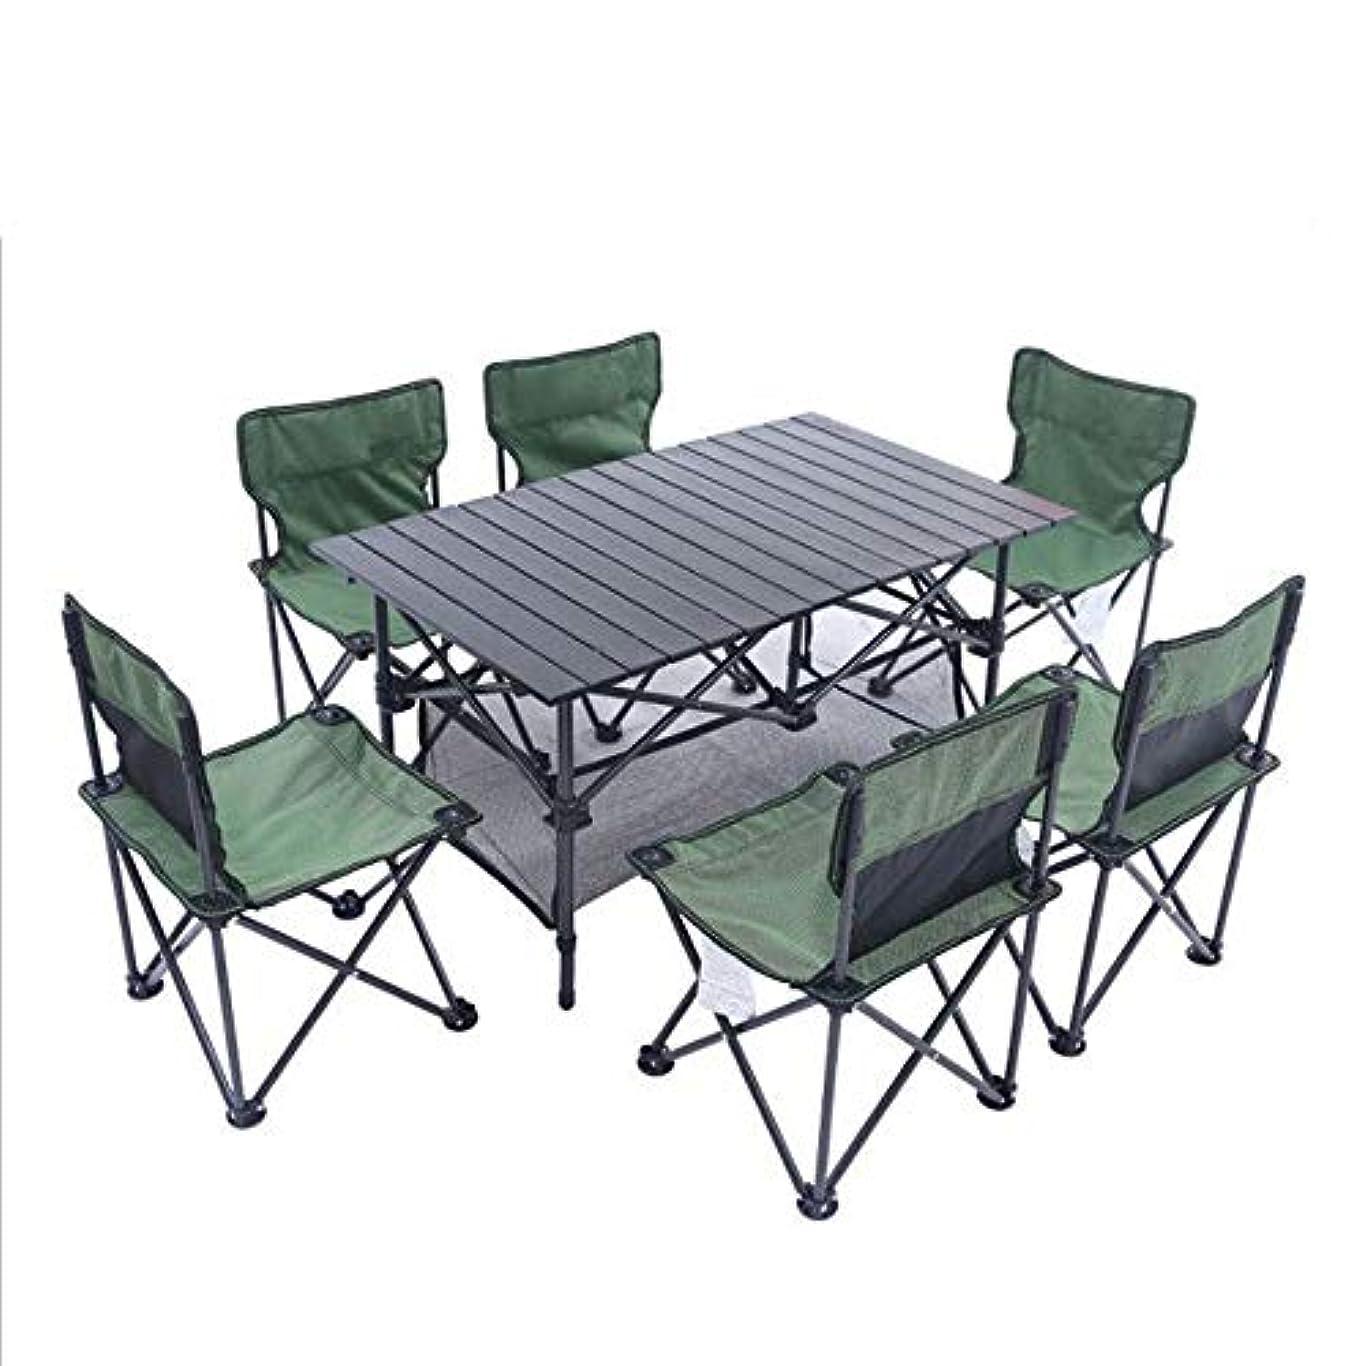 軽量屋外キャンプポータブル折り畳みテーブルネットチェアセットキャリングバッグ、椅子+テーブル、キャンプ、旅行、釣り、バーベキューのためのコンパクトサイズ